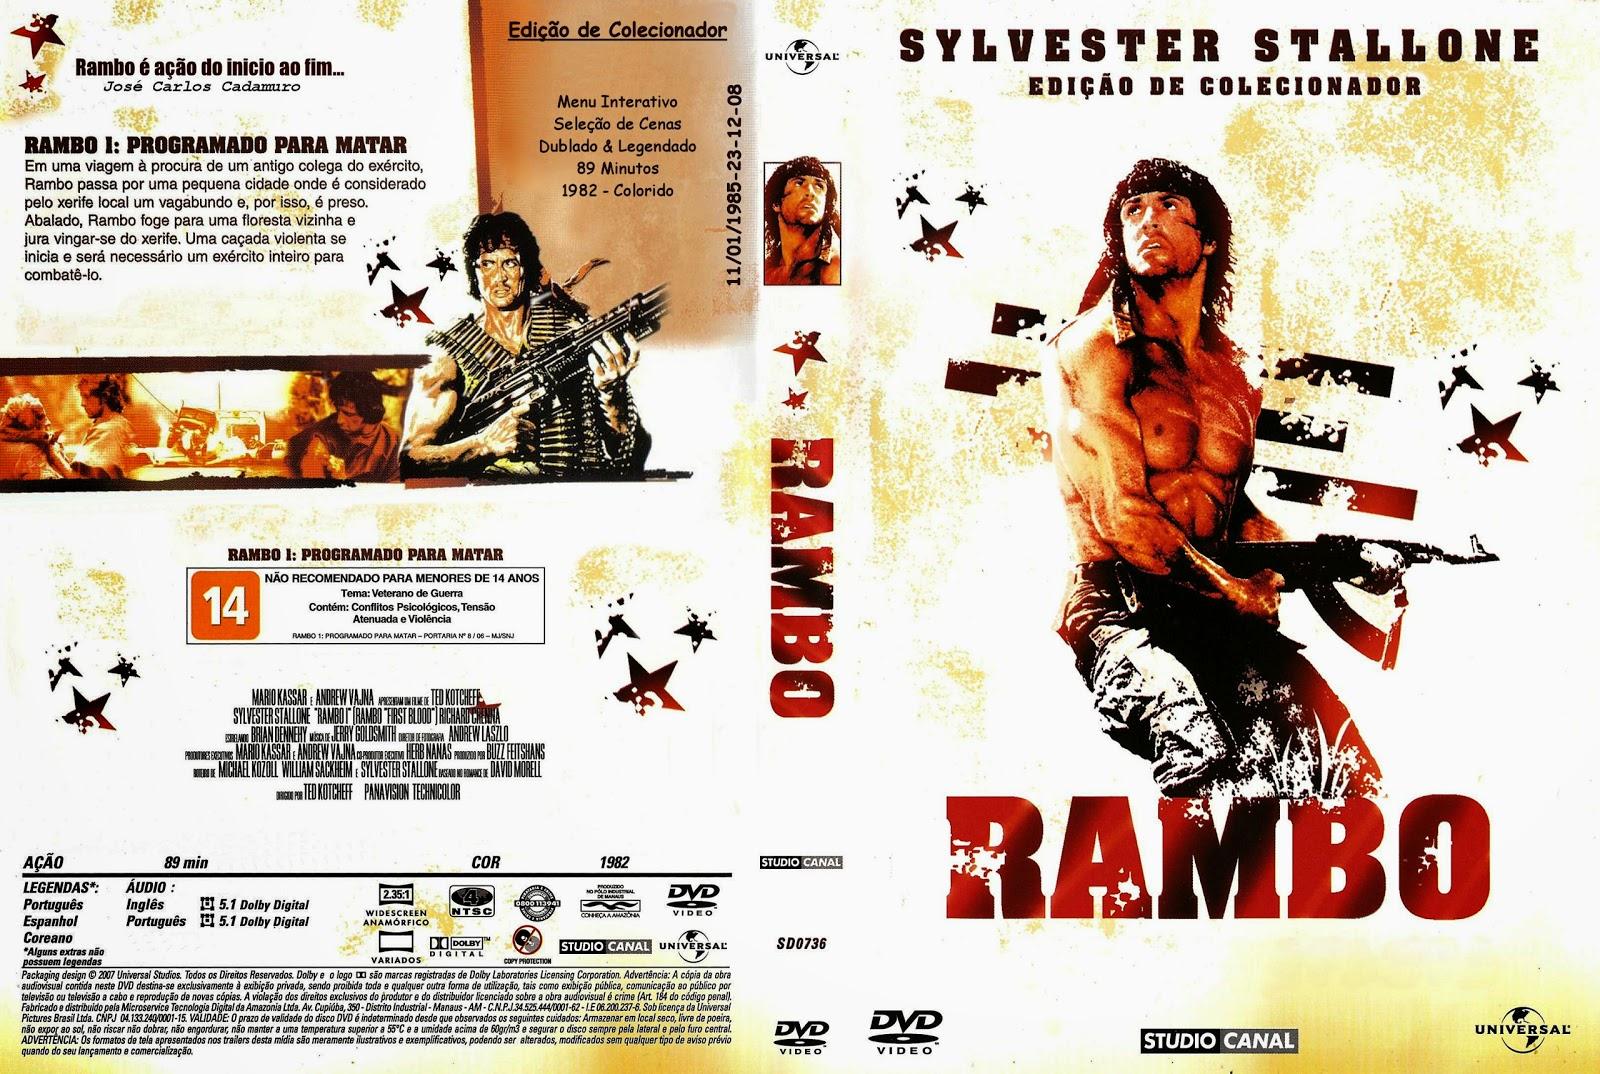 Capa DVD Rambo Edição De Colecionador